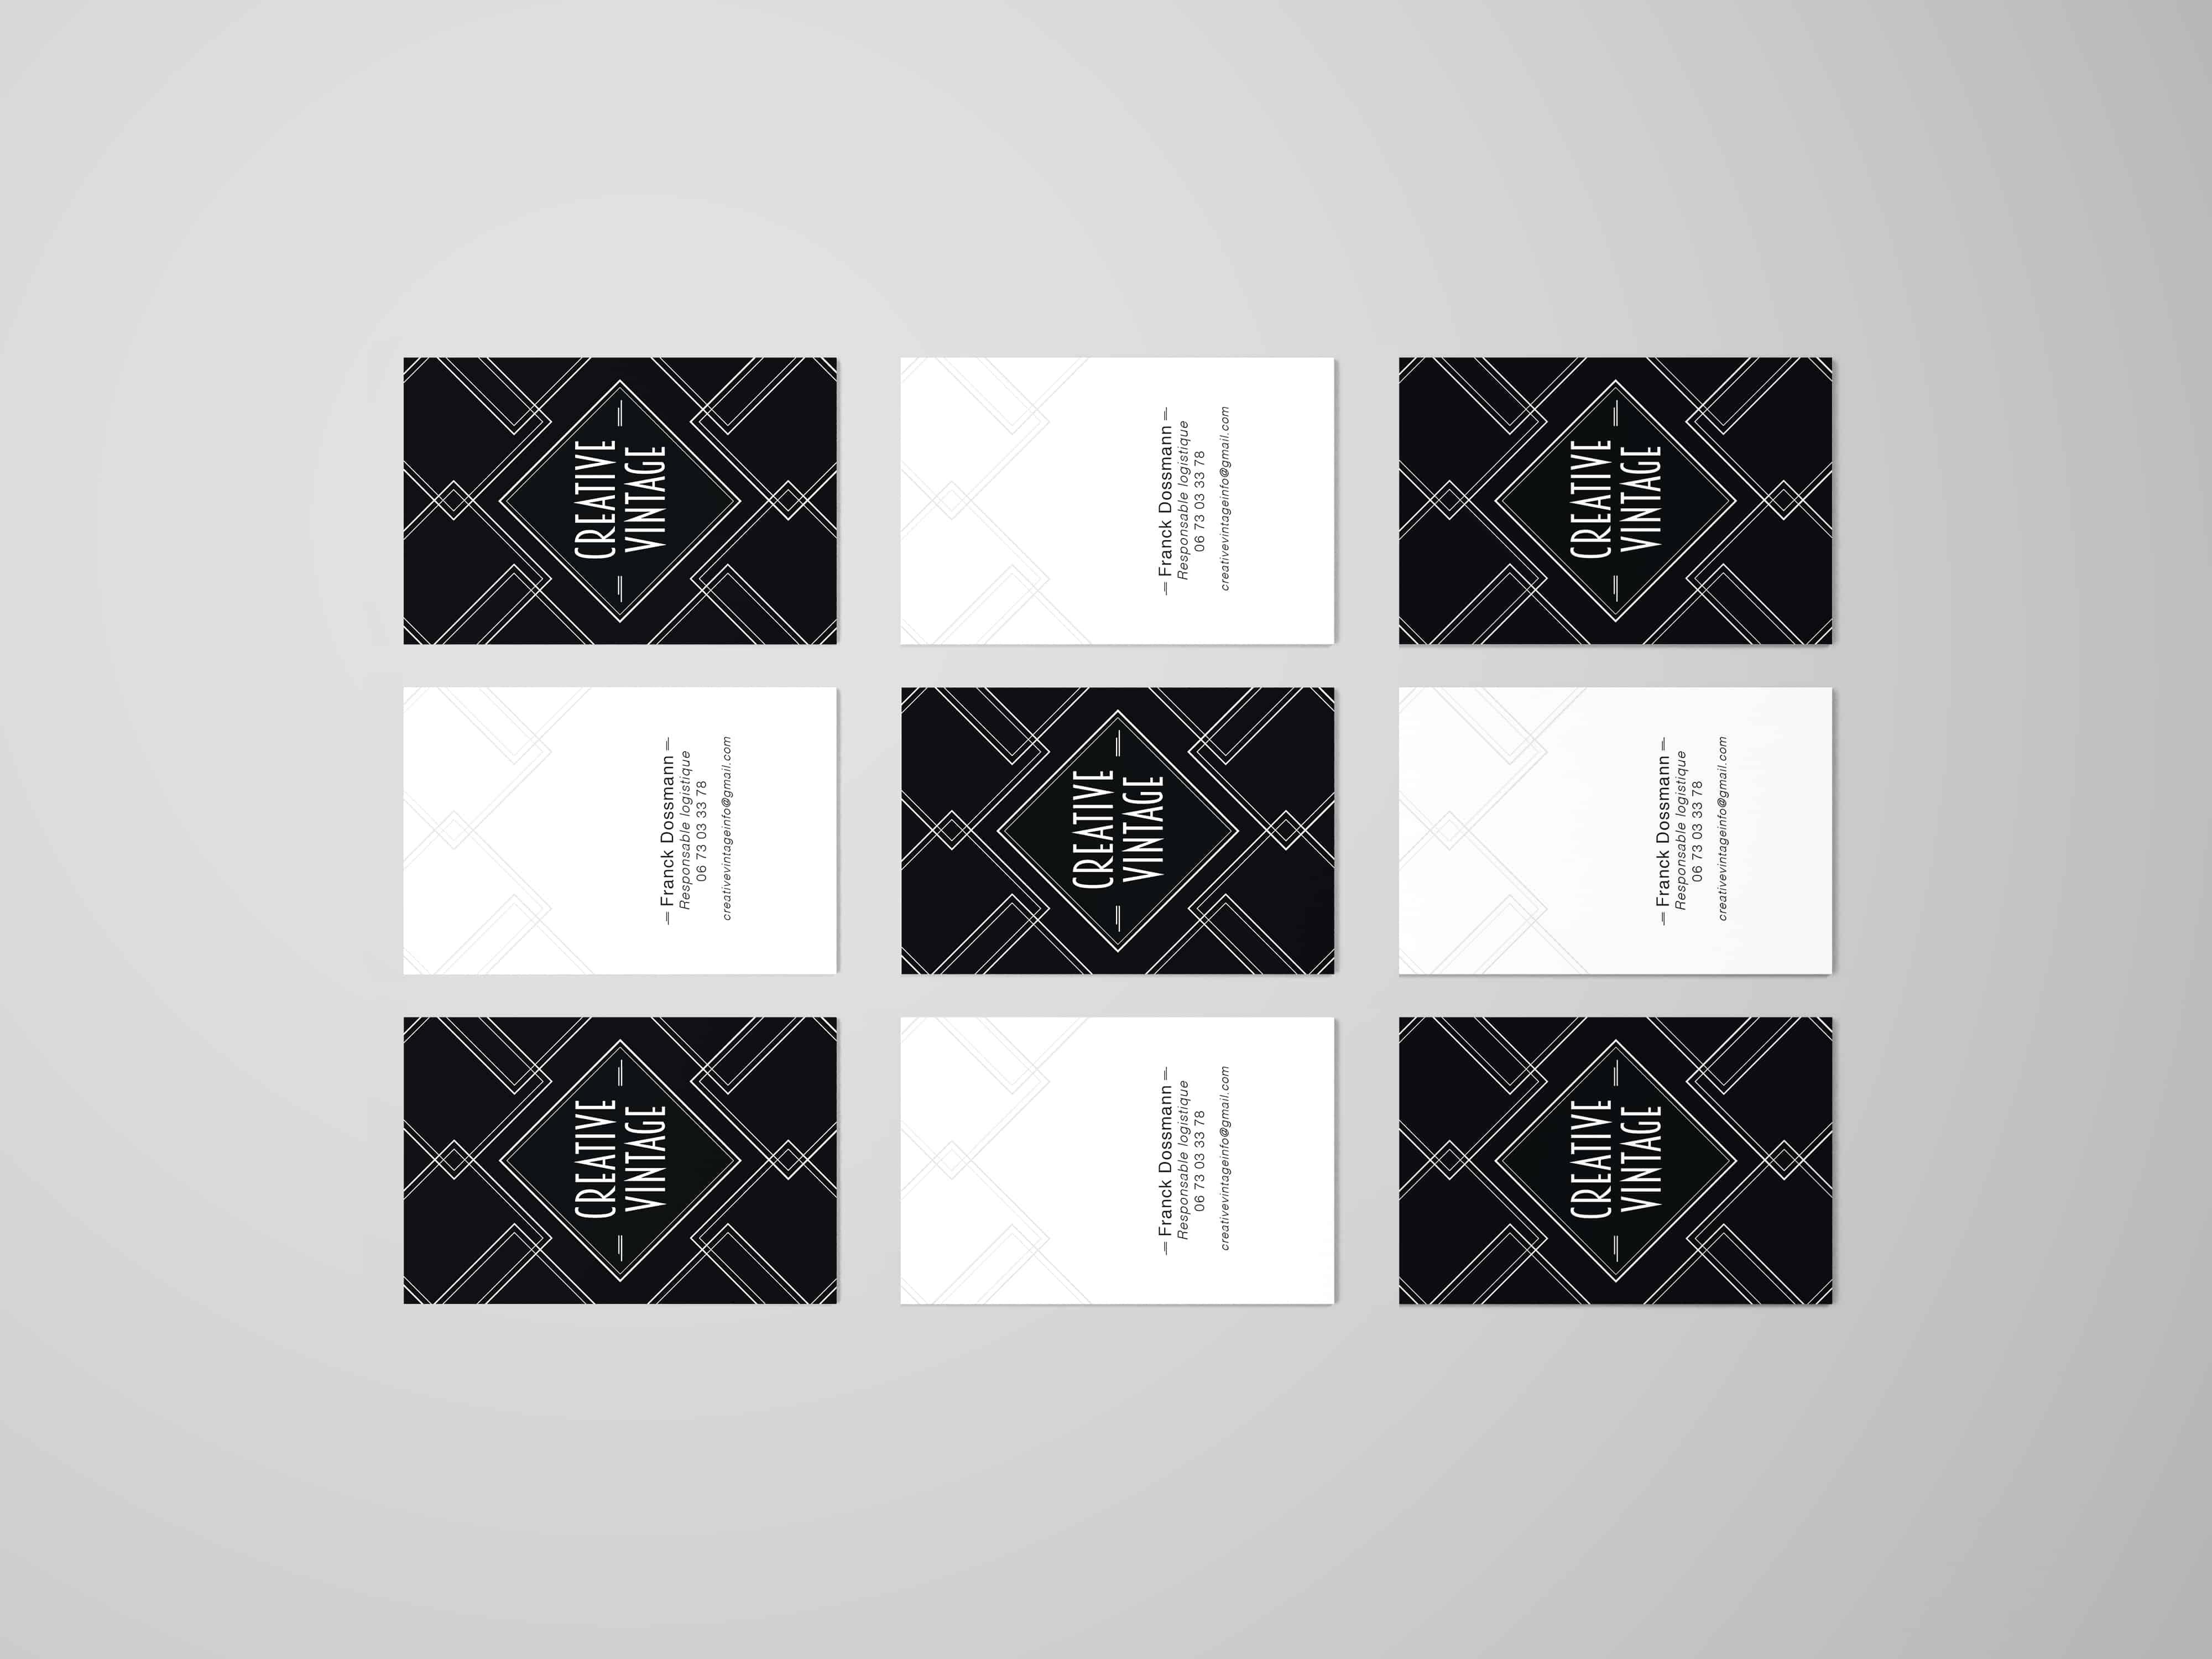 carte-de-visite-aux-differents-motifs-vintage-pour-lassociation-creative-vintage-sur-strasbourg-identite-visuelle